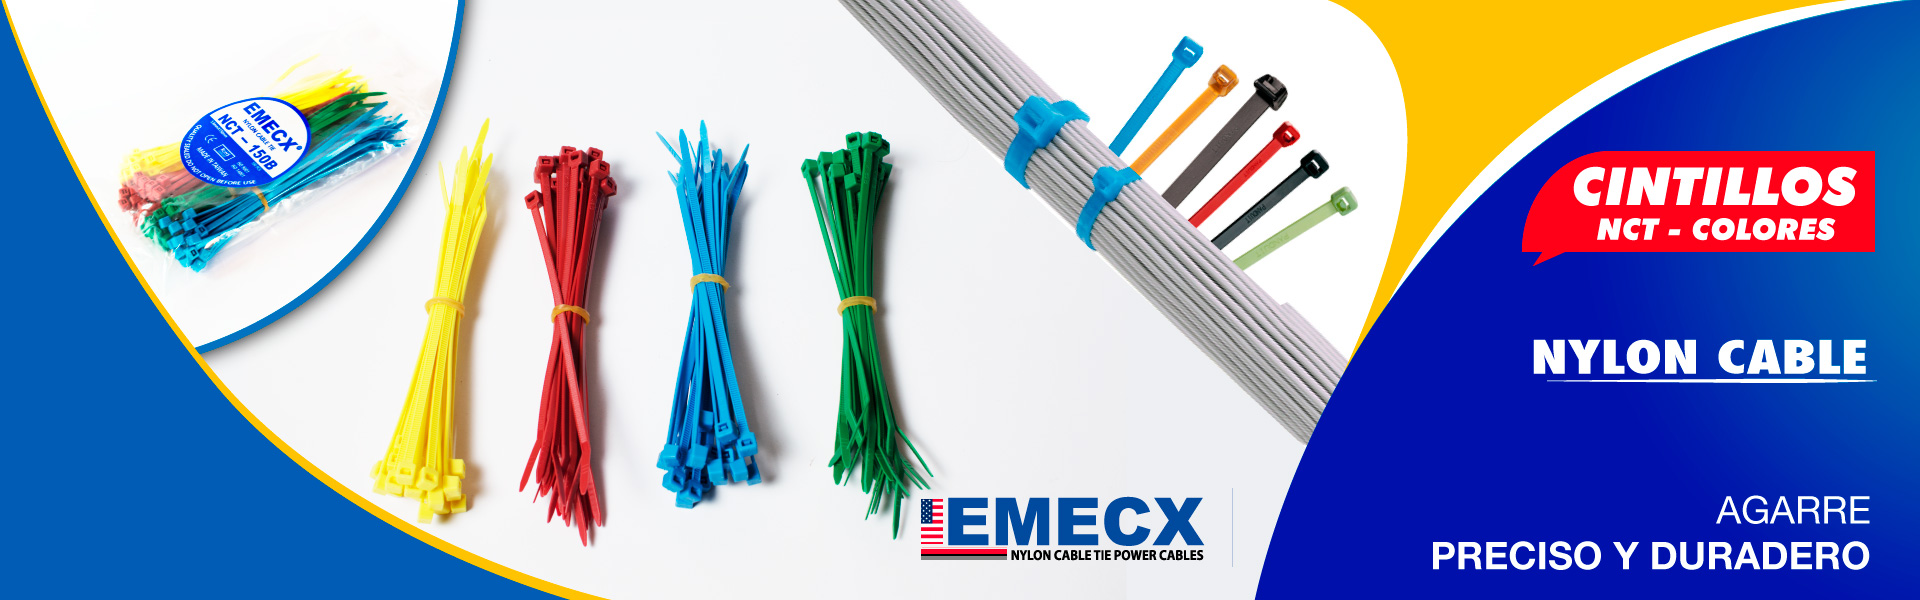 emecx-cintillos-colores